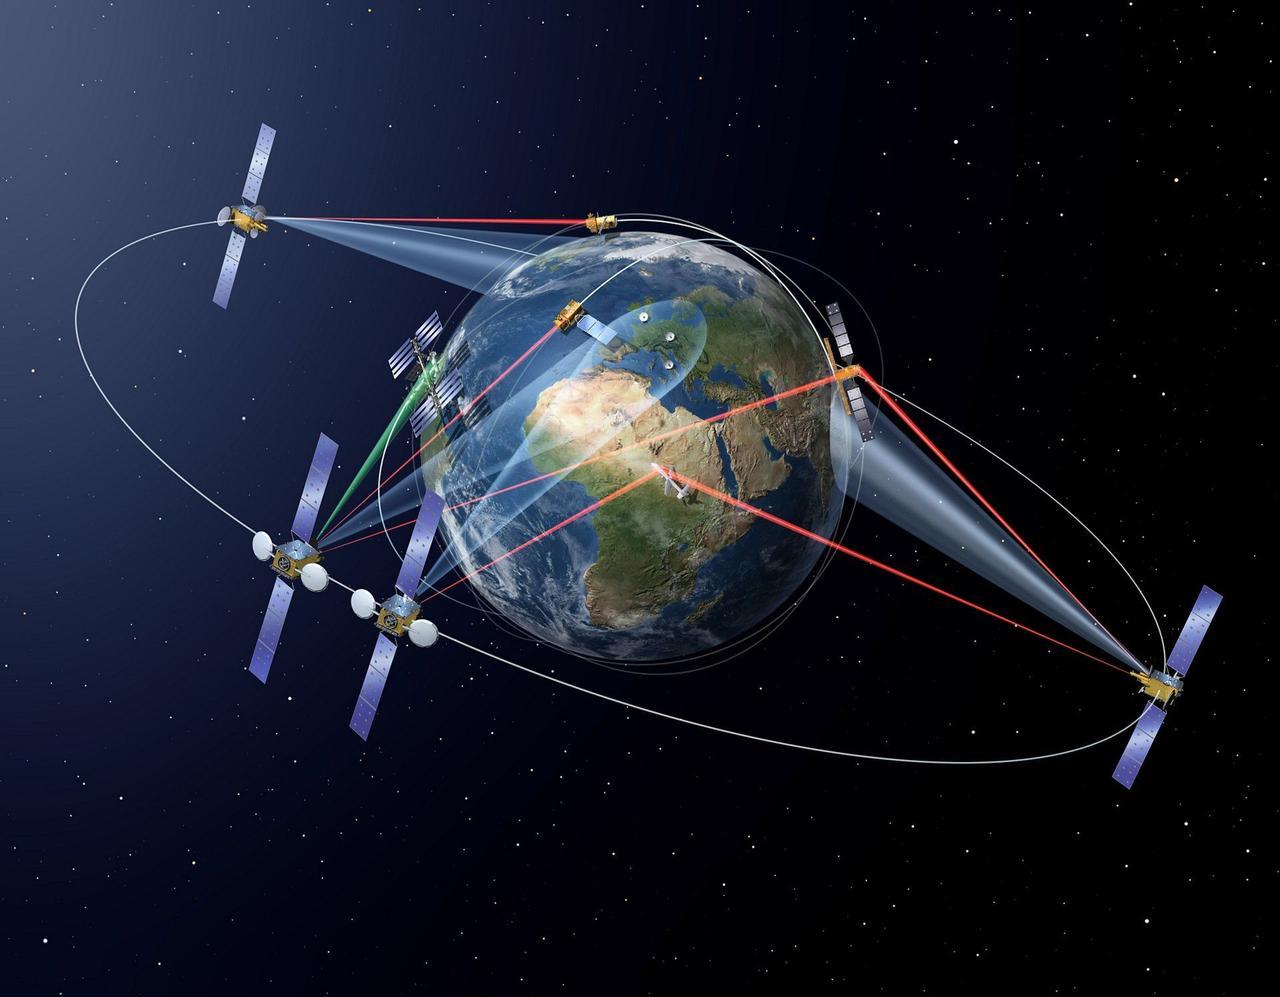 Новая технология позволит передавать данные со скоростью 105 гигабит в секунду, что в 10 раз быстрее, чем 5G